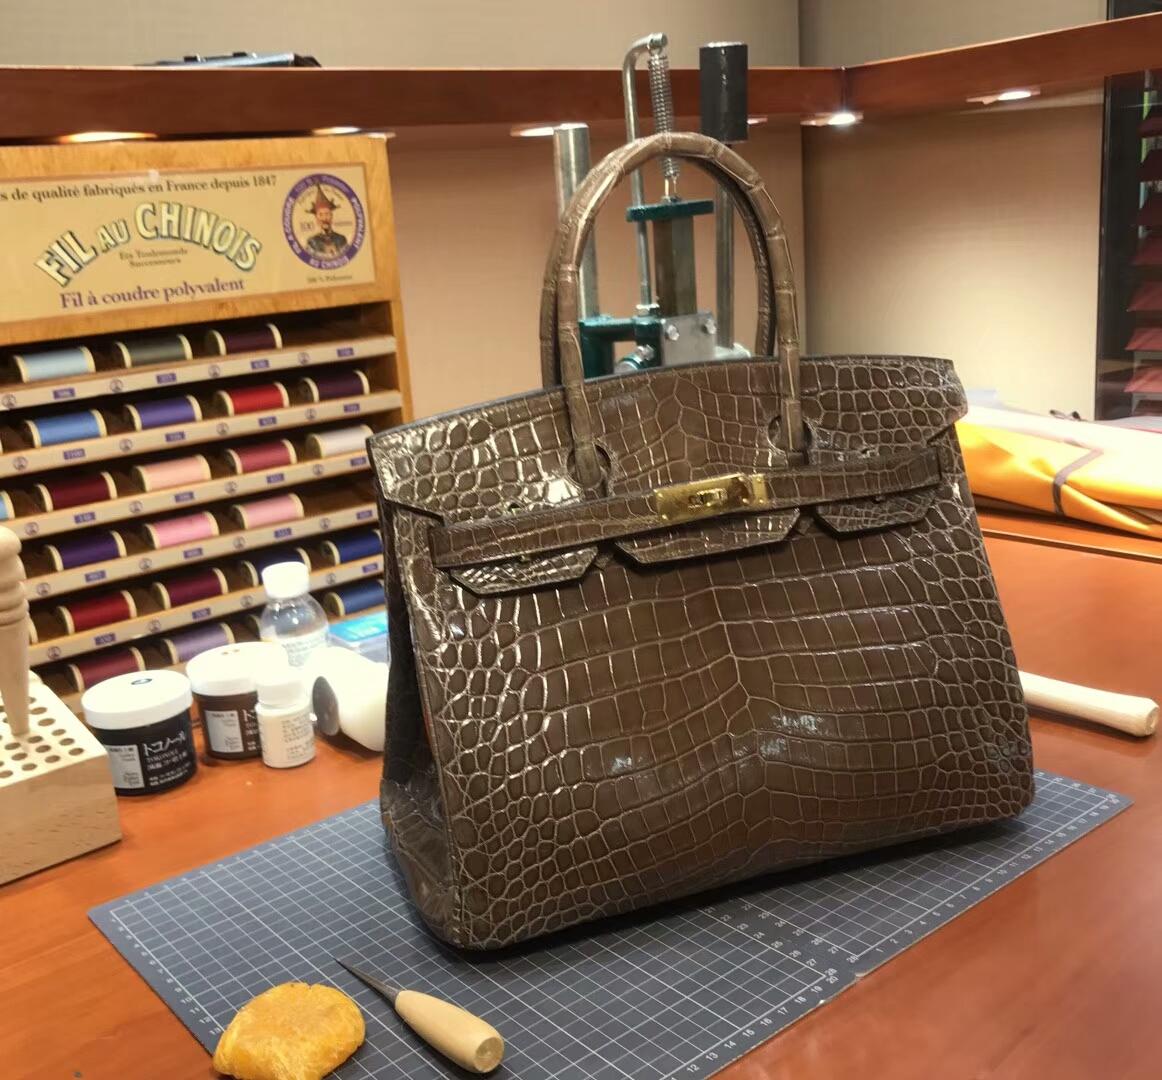 爱马仕 HERMES 铂金包 Birkin 配全套专柜原版包装 全球发售 深啡色 DEEP BROWN